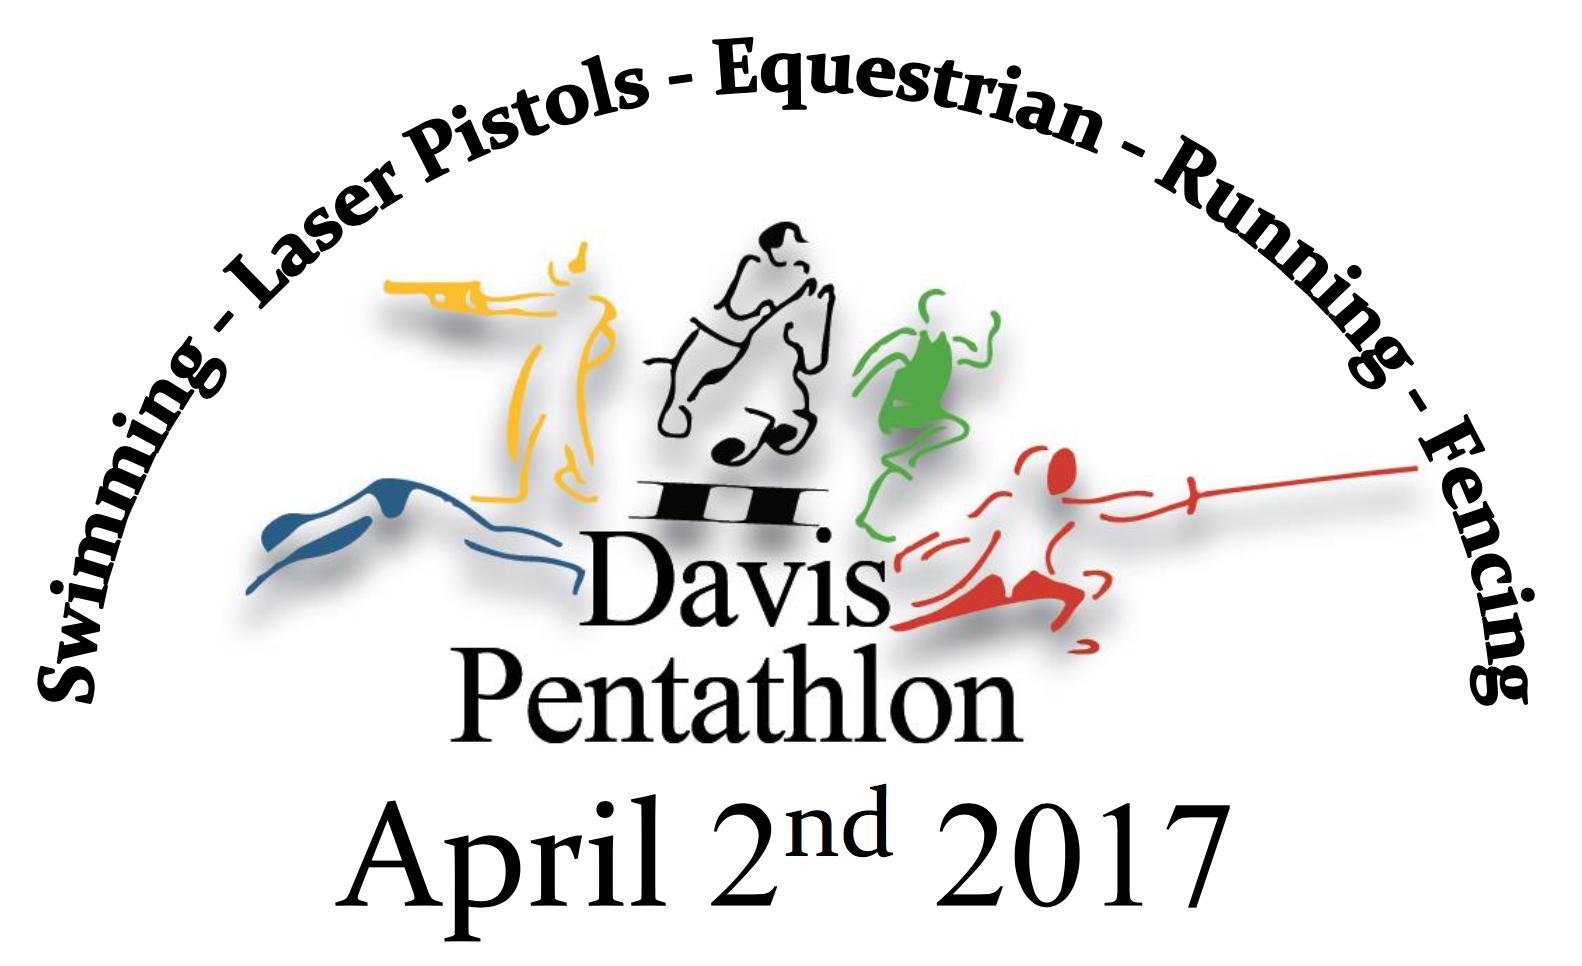 Davis Pentathalon